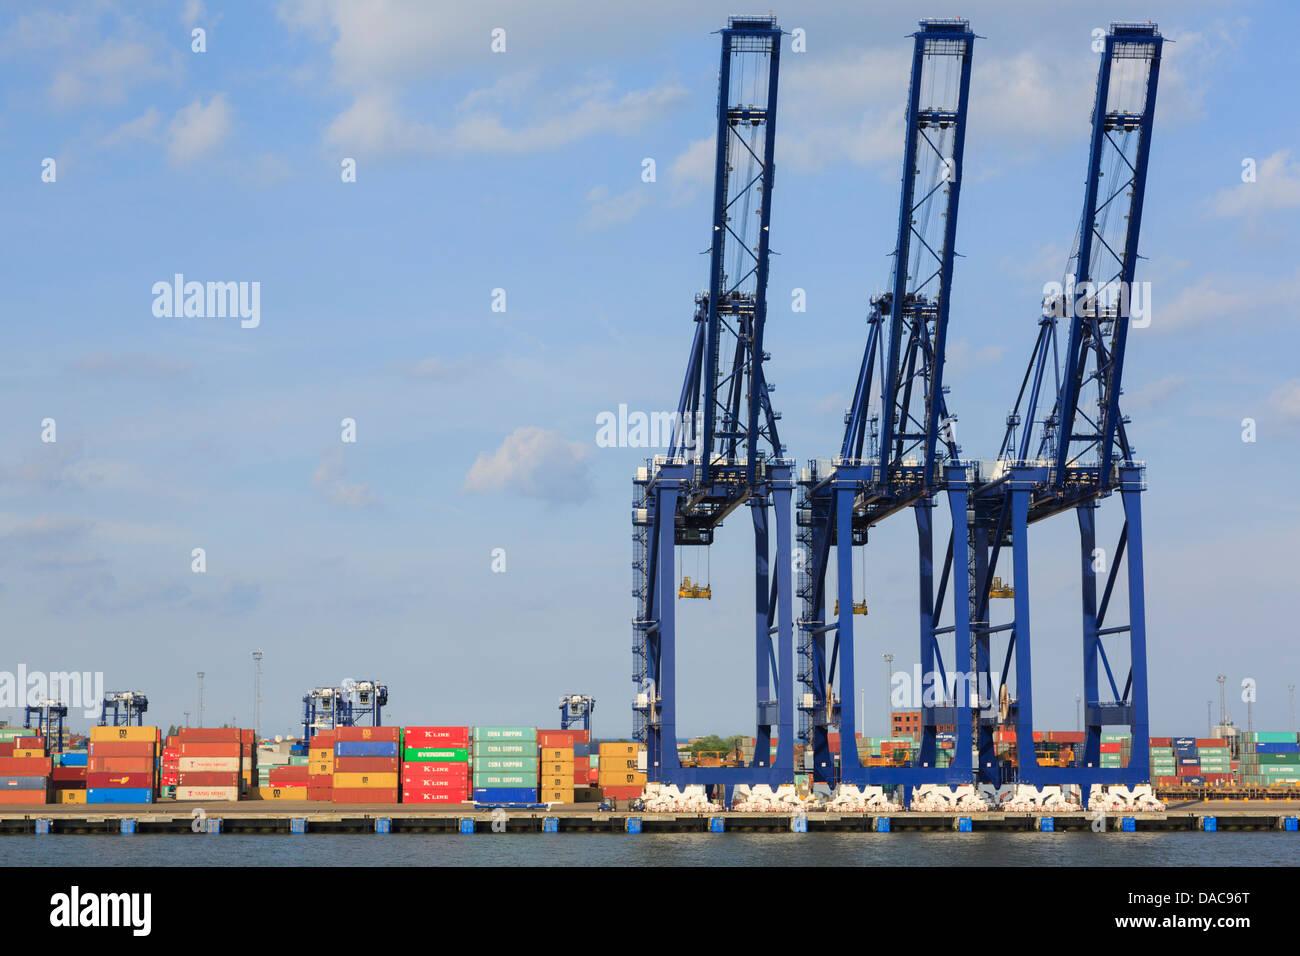 Grúas pórtico para elevación de contenedores en el terminal portuario del muelle de puerto de contenedores más grande en el Reino Unido. Felixstowe en Suffolk Inglaterra Foto de stock